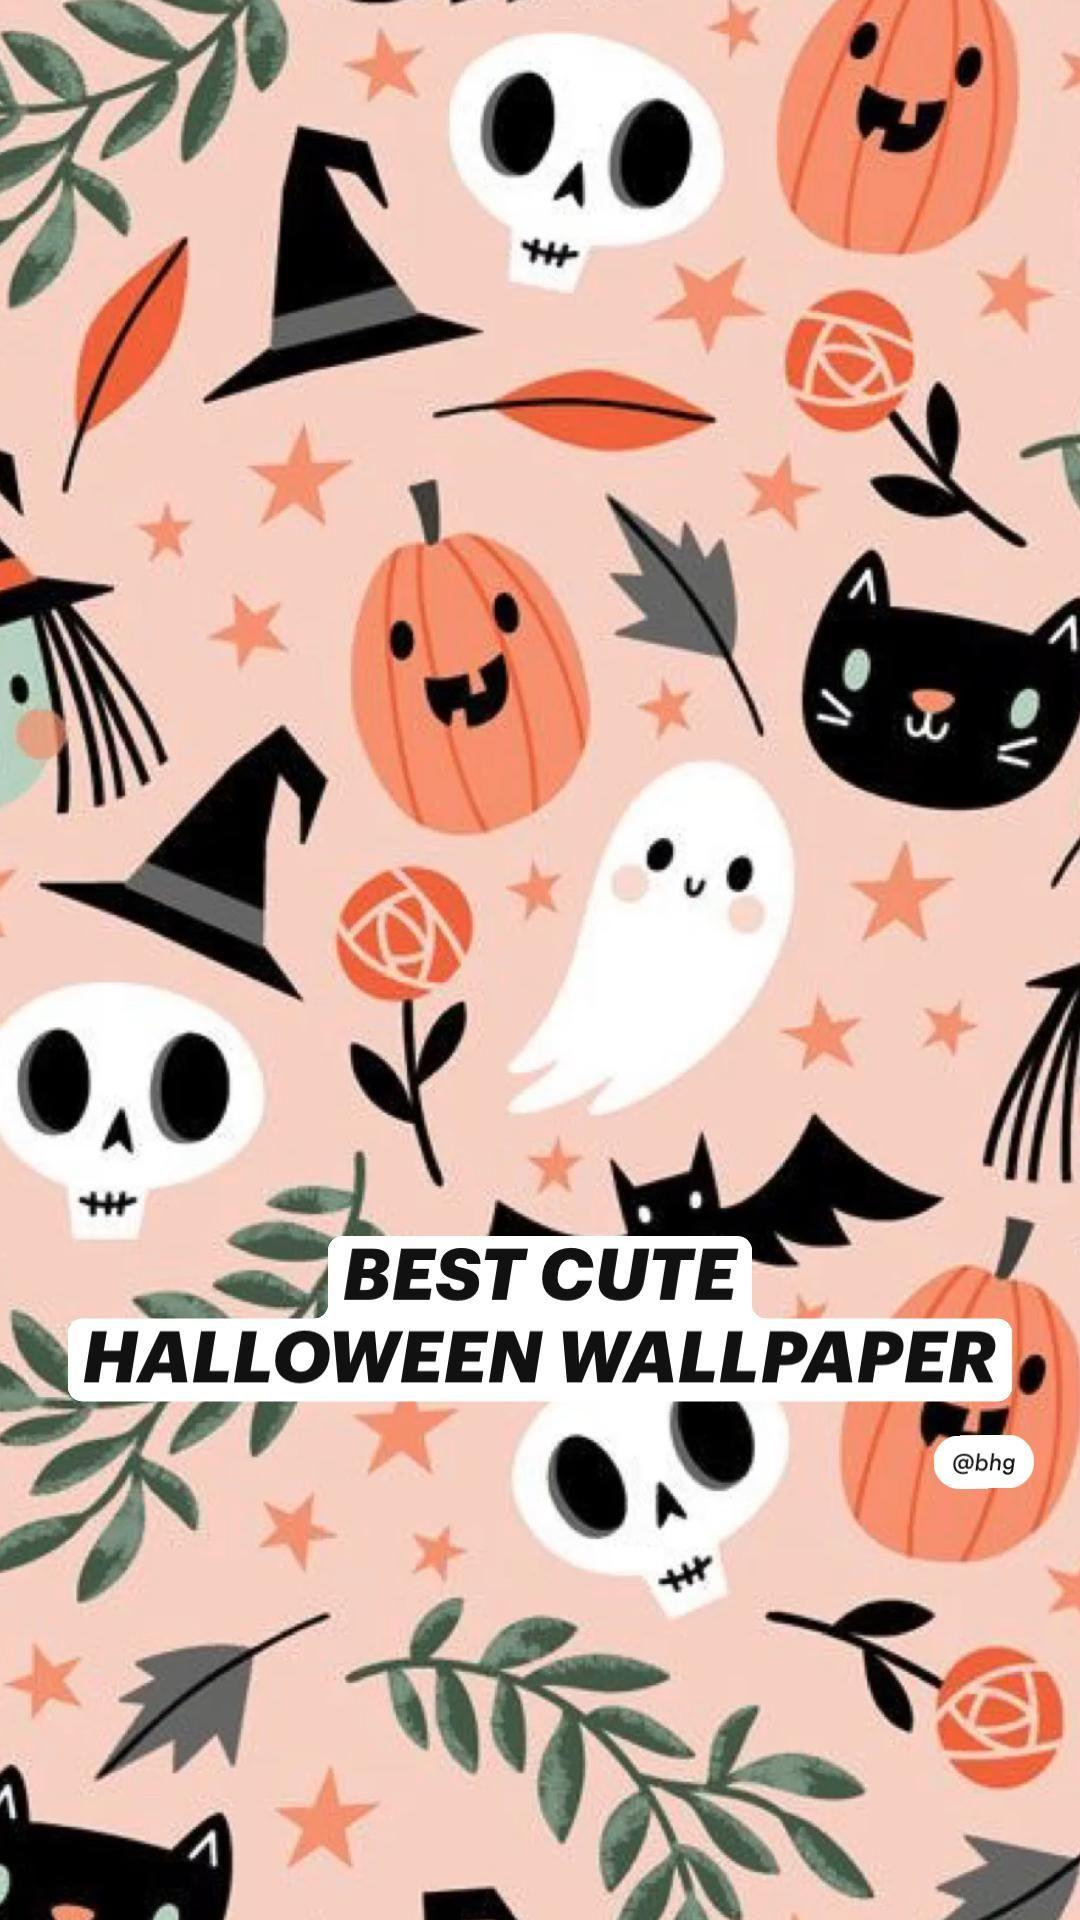 Best Cute Halloween Wallpaper